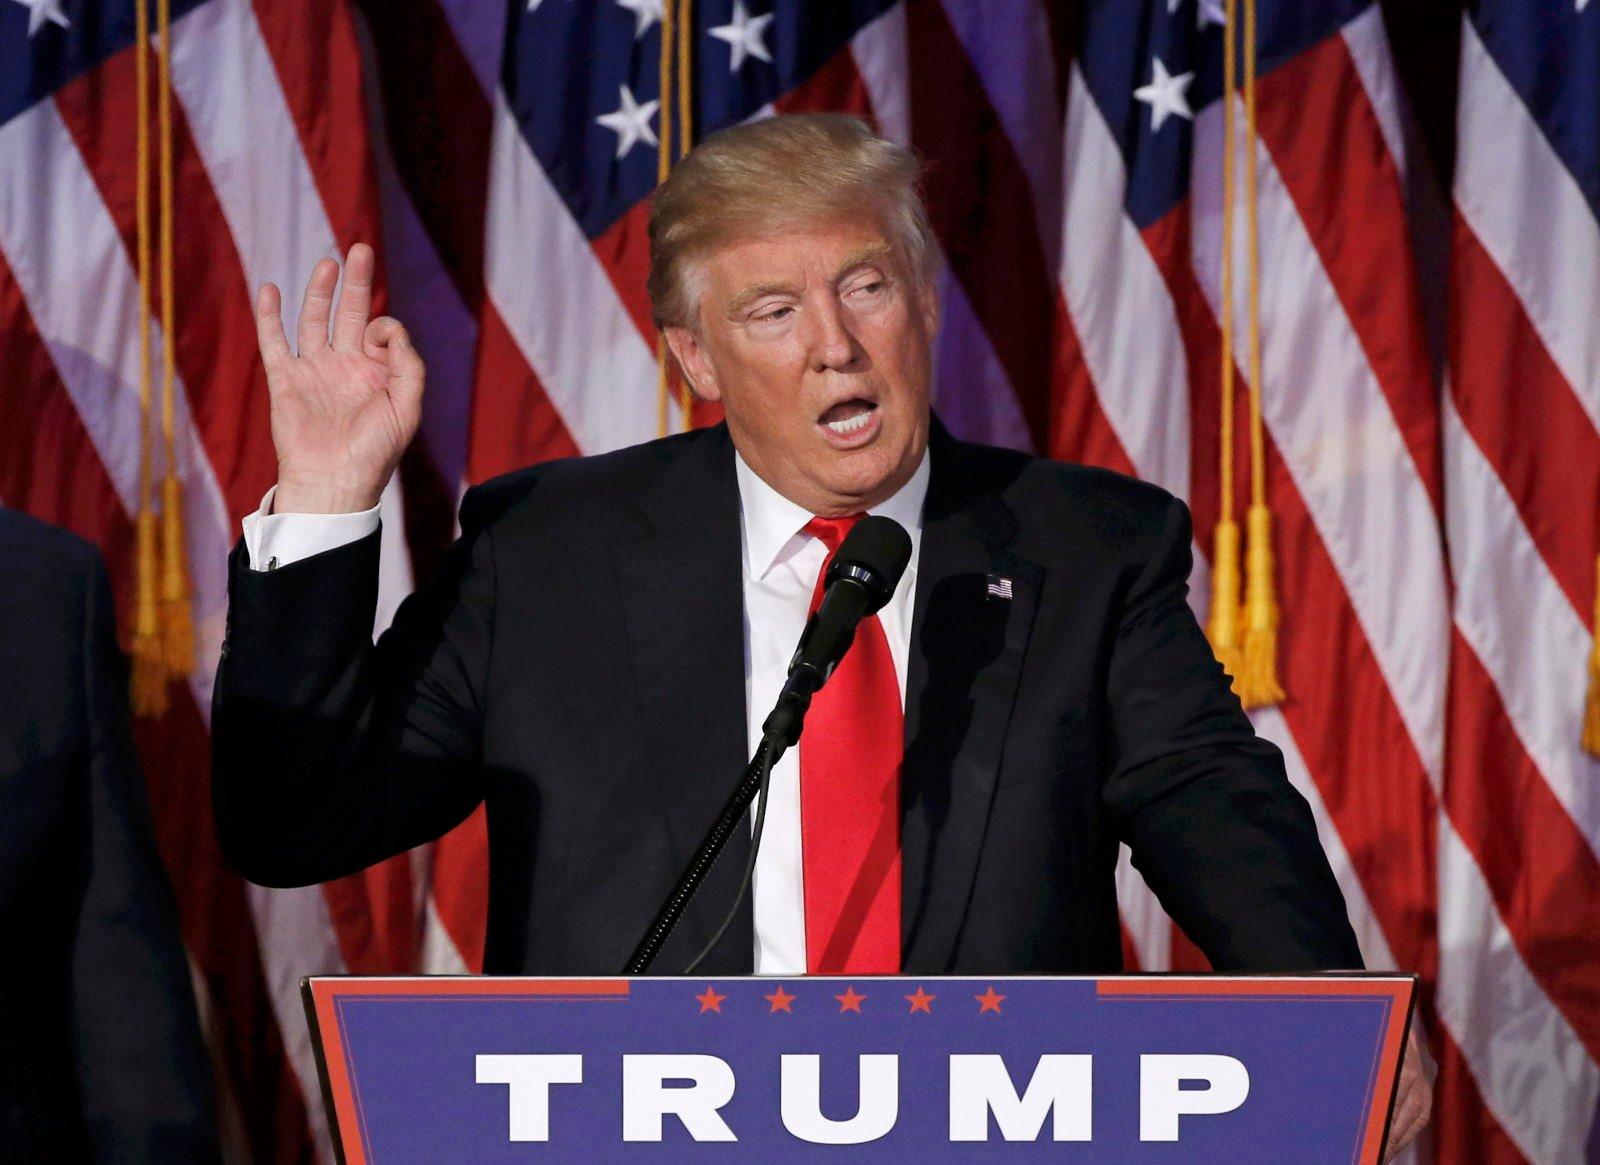 Donald Trump Diprediksi Segera Jatuh lewat Pemakzulan